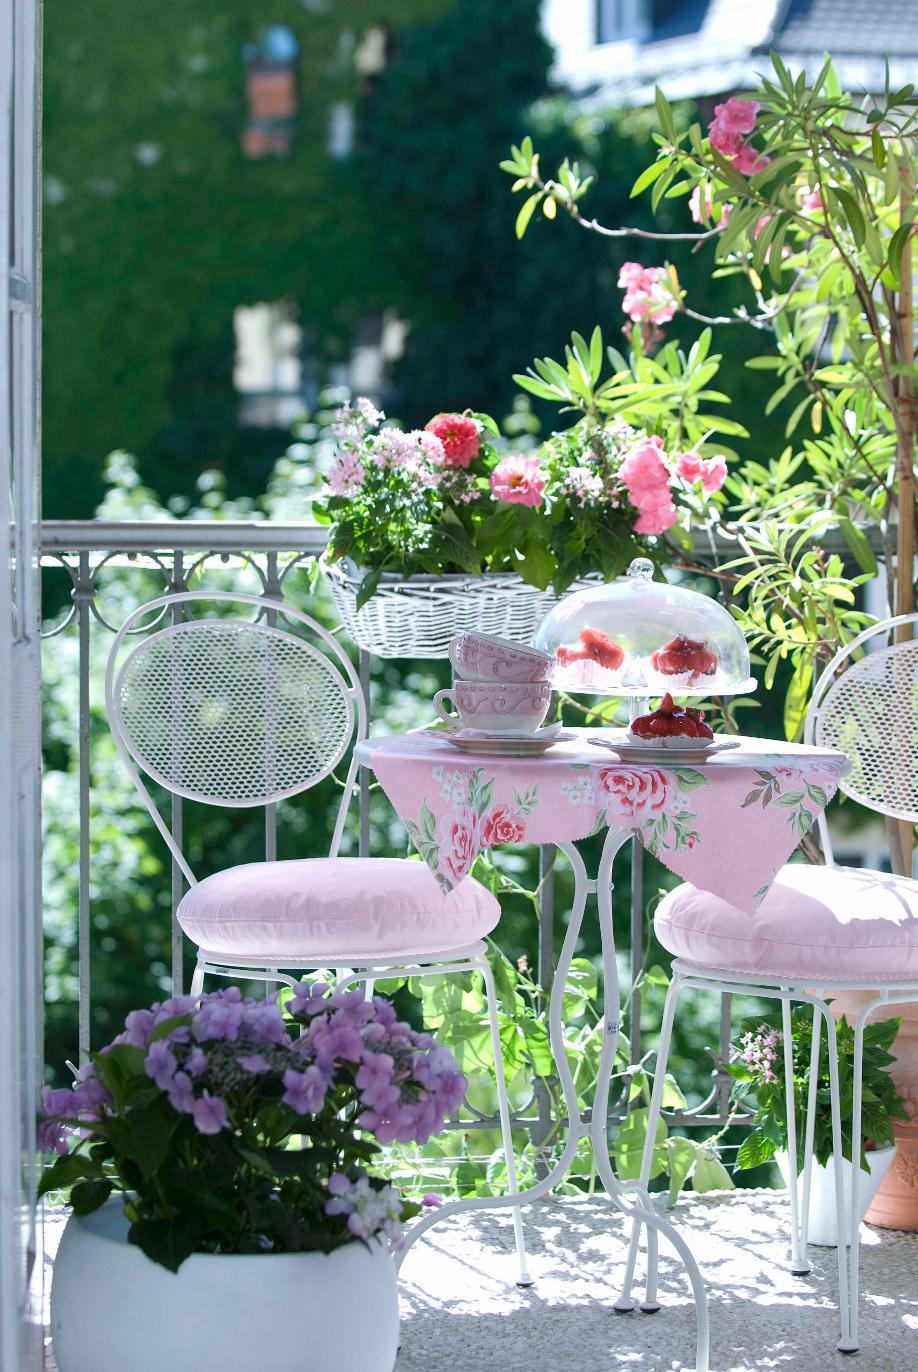 westwing-balkony-romantyczne